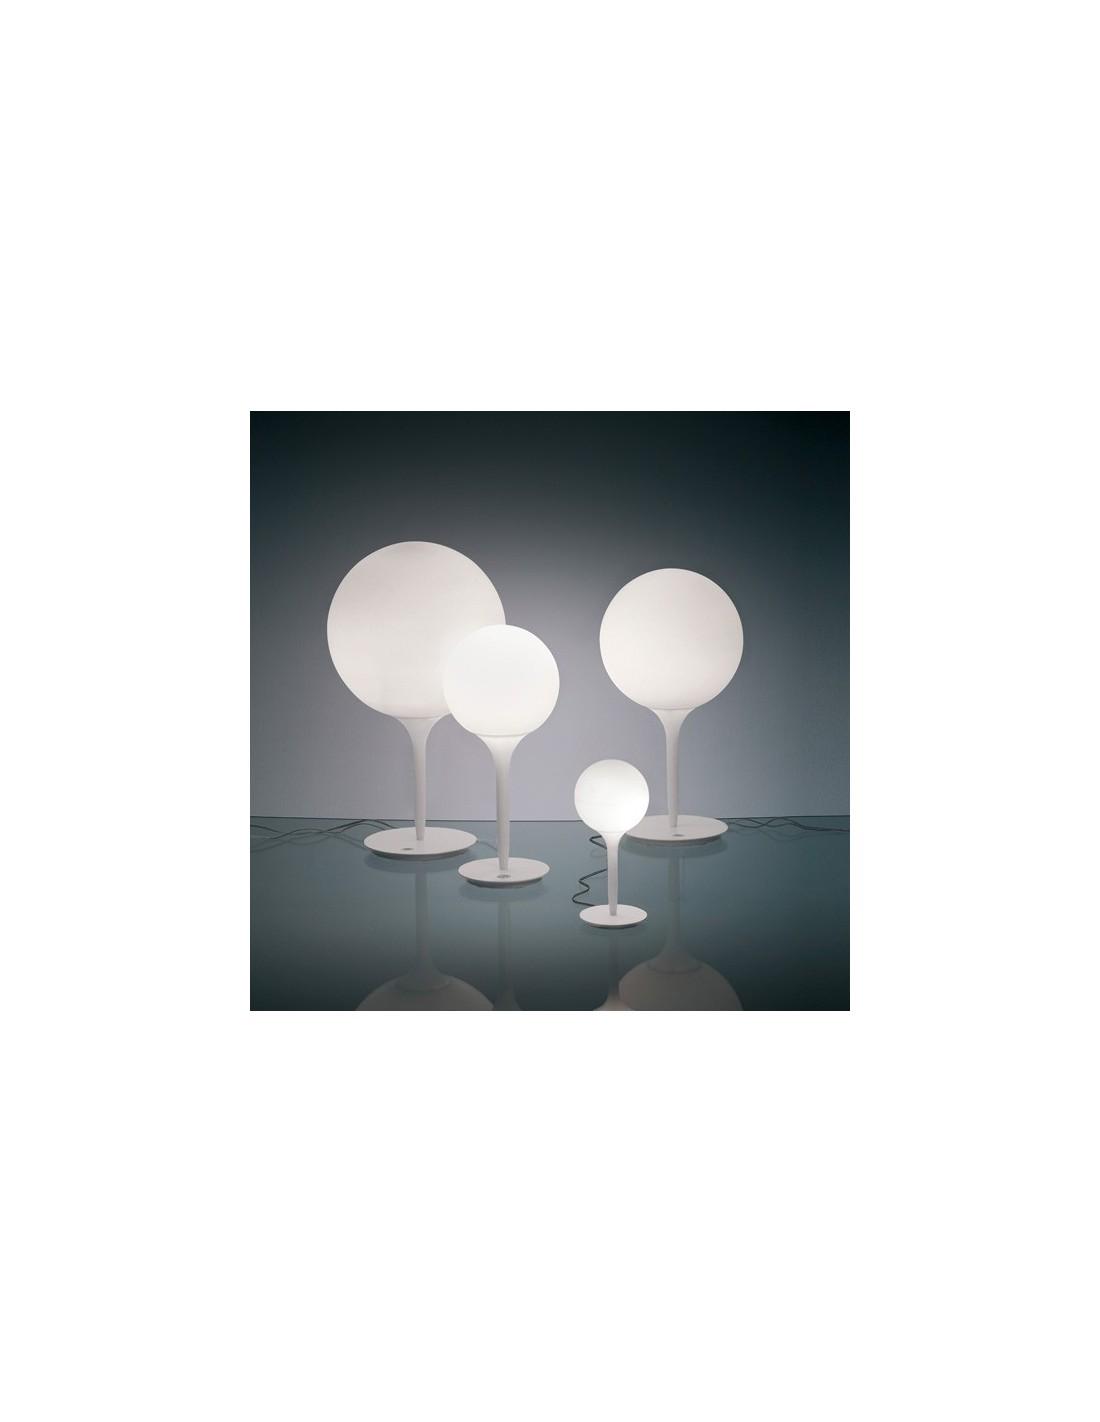 lampe de table castore 35 mise en sc ne clairage artemide. Black Bedroom Furniture Sets. Home Design Ideas